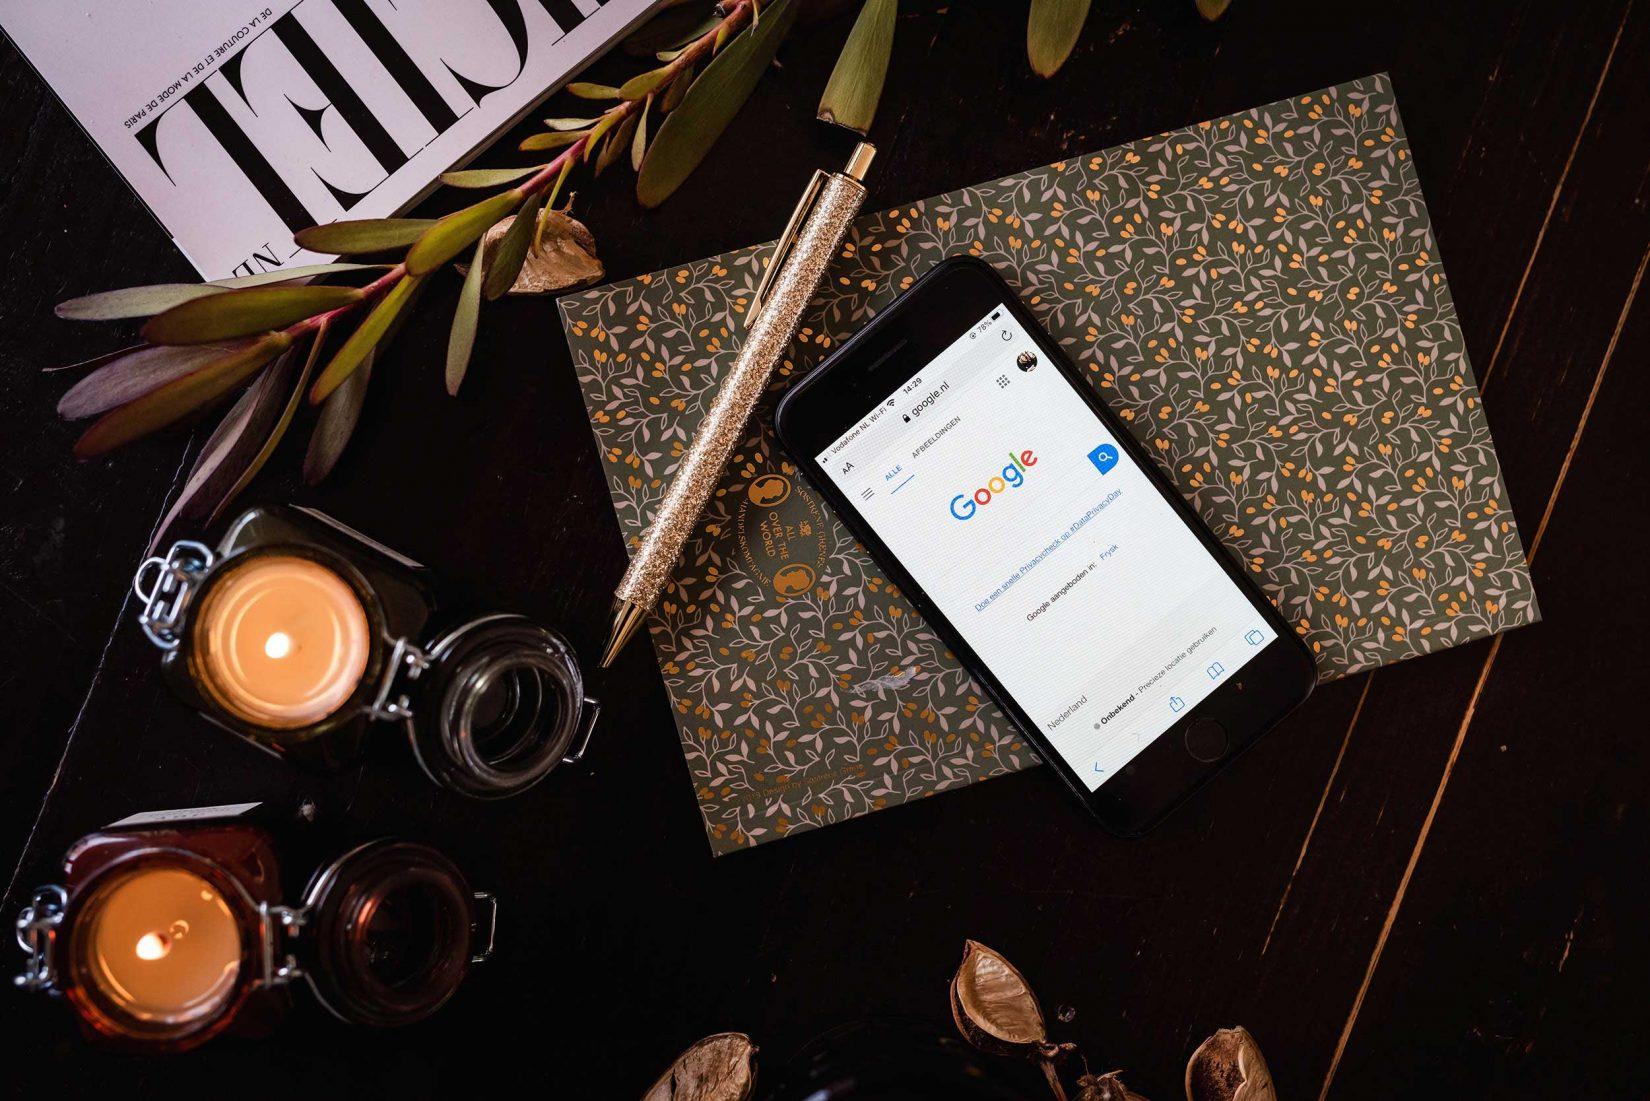 Google op een smartphone browser